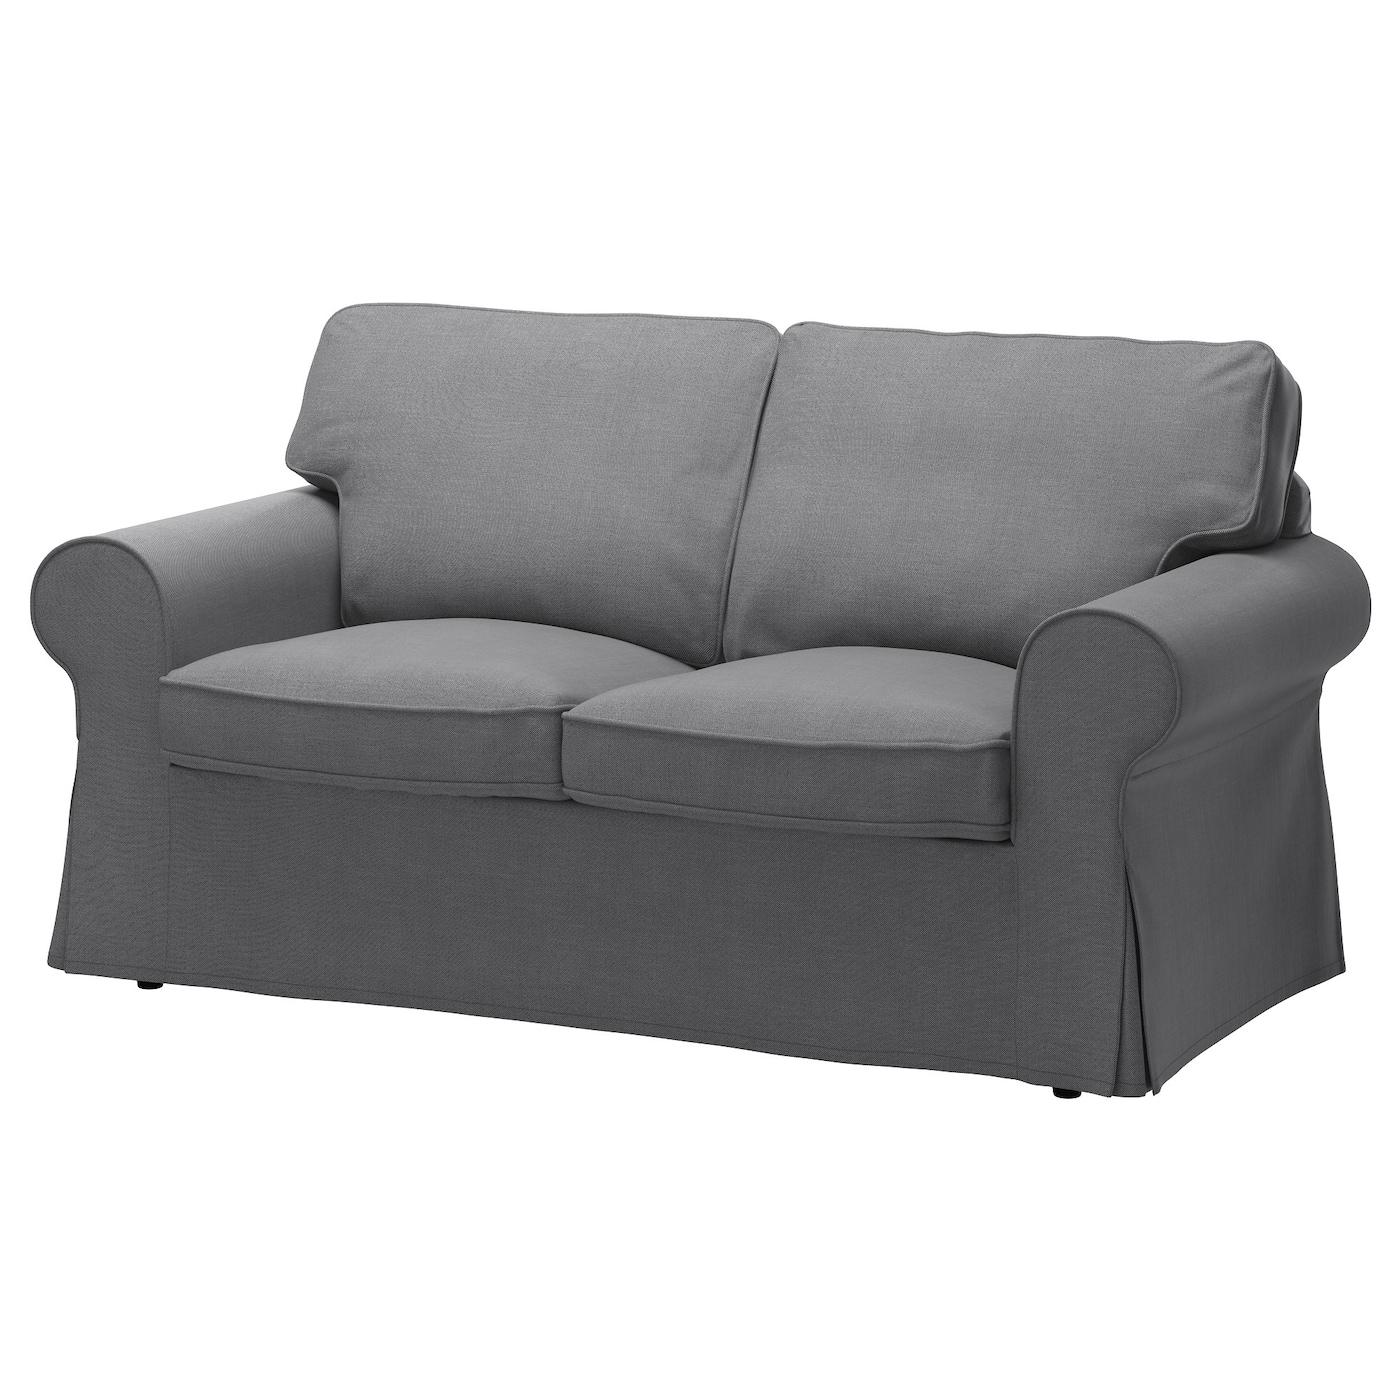 Ektorp Funda Para Sofá De 2 Plazas Nordvalla Gris Oscuro Ikea